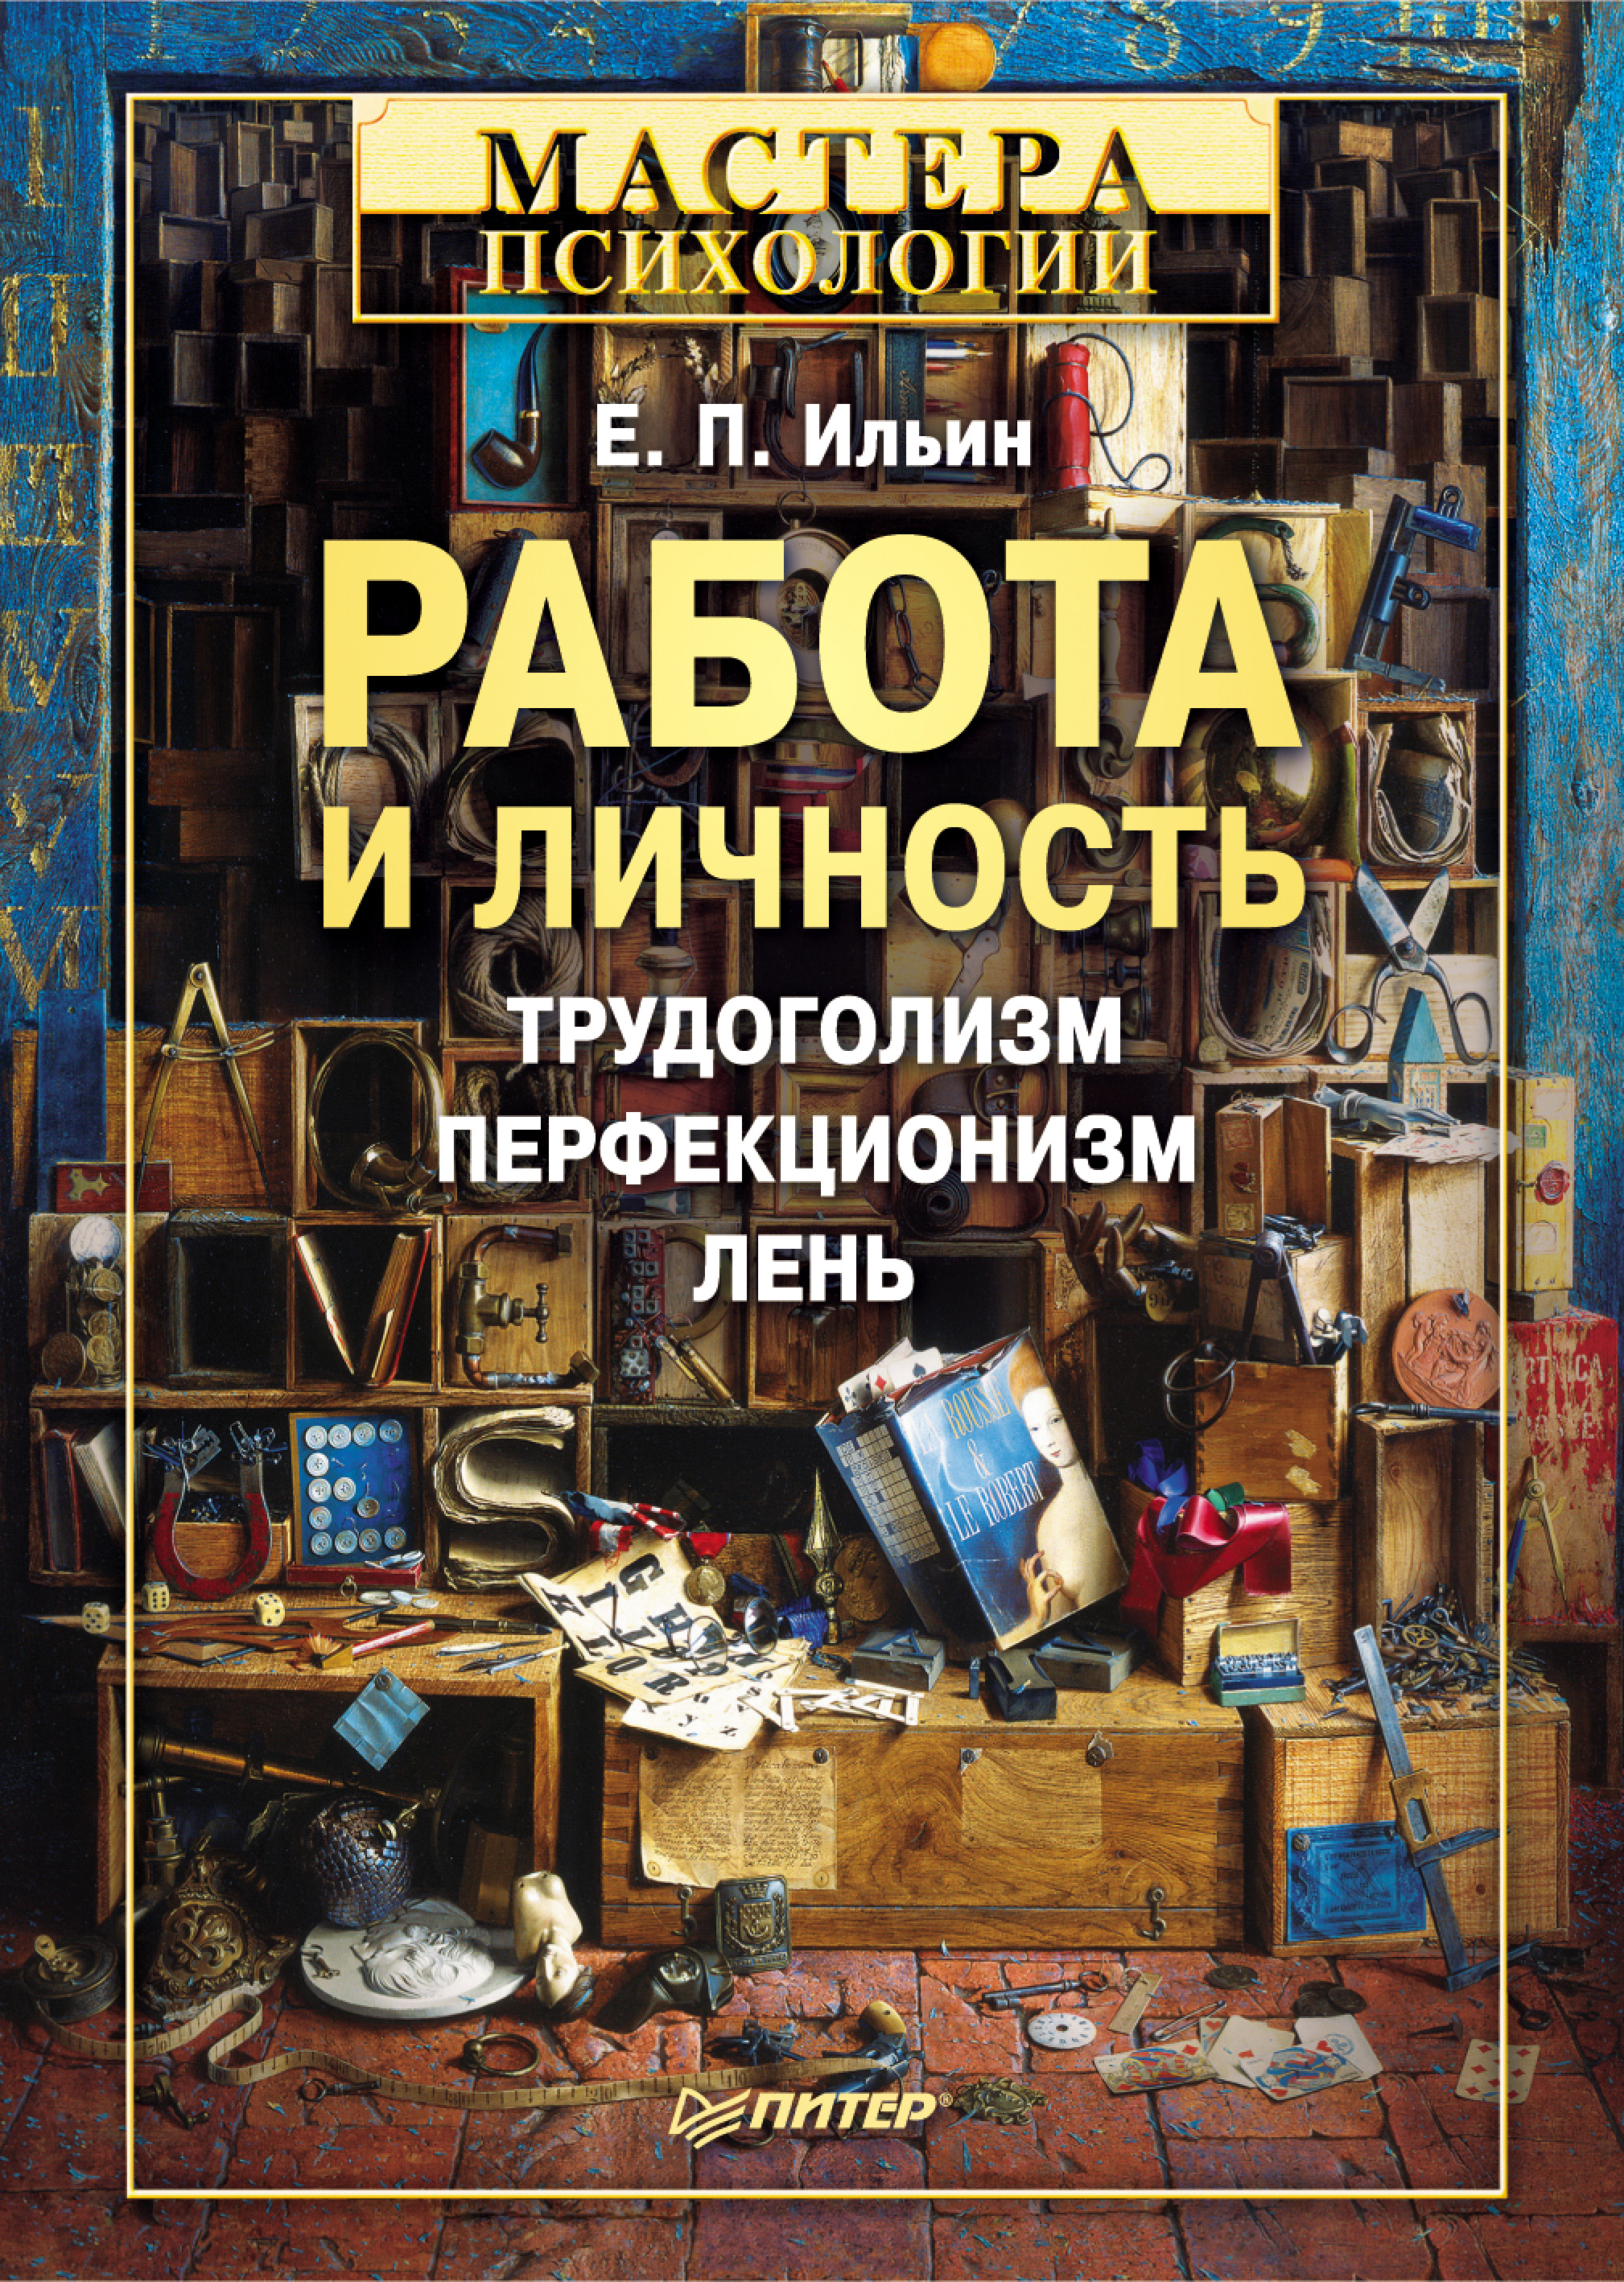 Е. П. Ильин Работа и личность. Трудоголизм, перфекционизм, лень е п ильин работа и личность трудоголизм перфекционизм лень